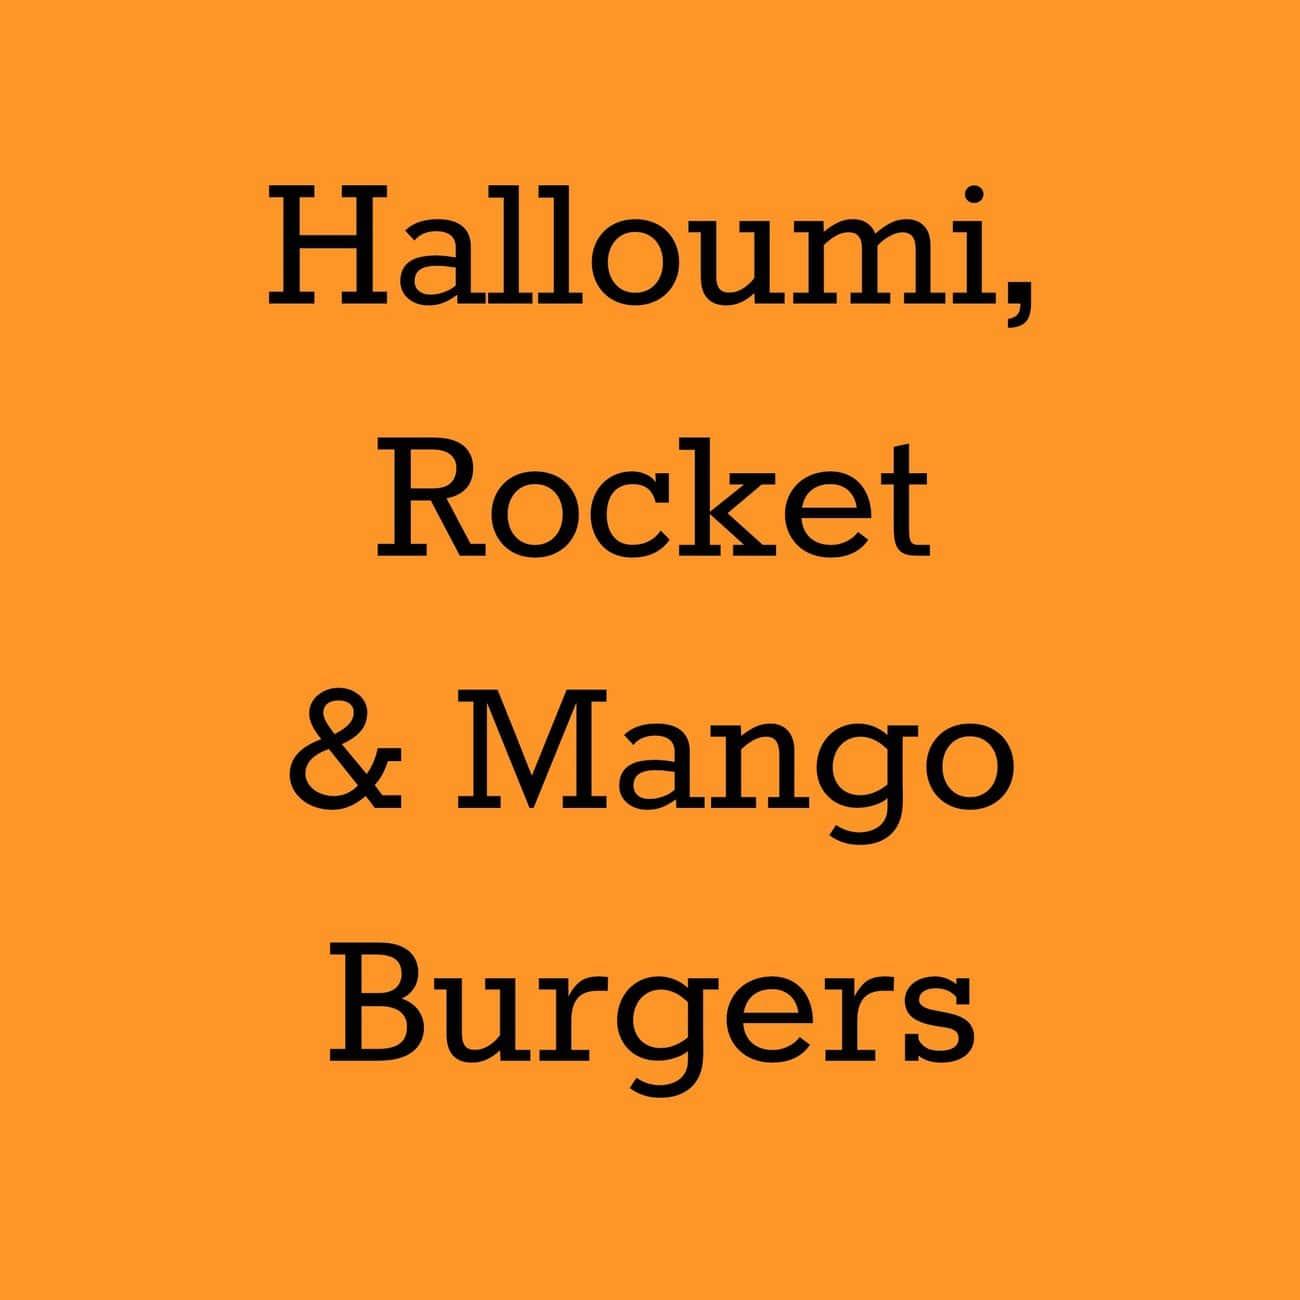 halloumi rocket and mango burgers